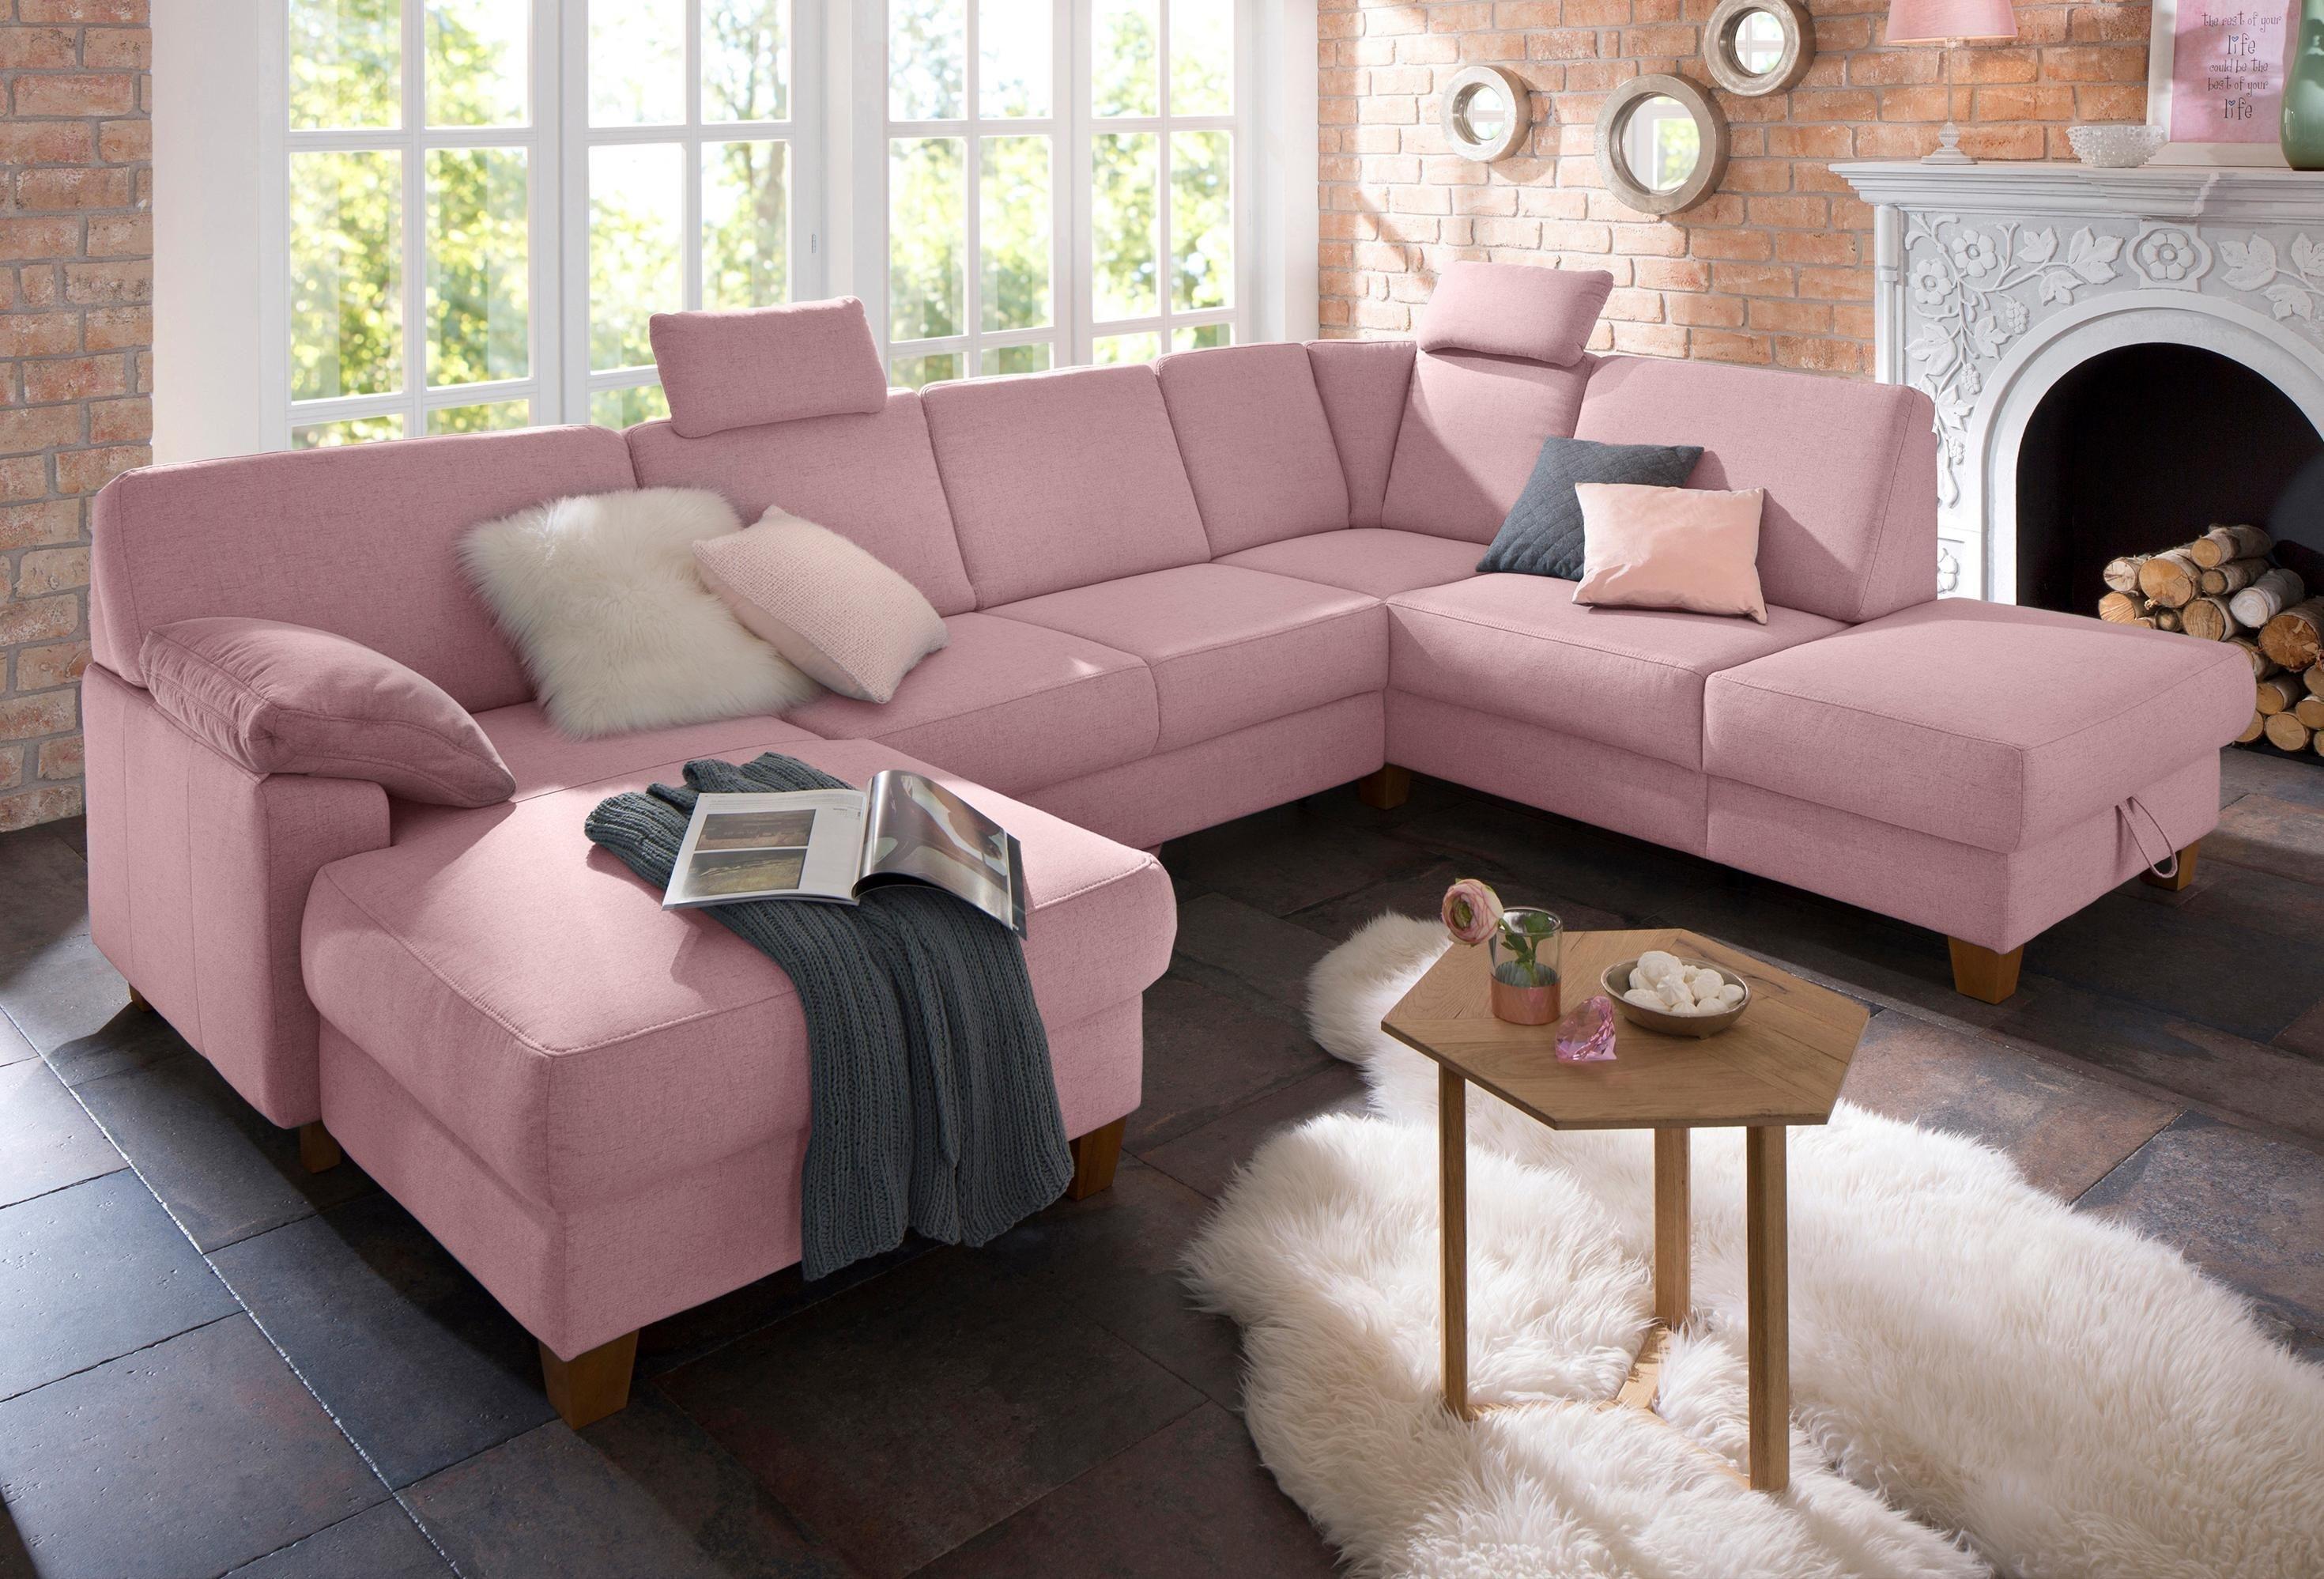 Schlafcouch Billig Kaufen Couch Kaufen Munchen Chesterfield